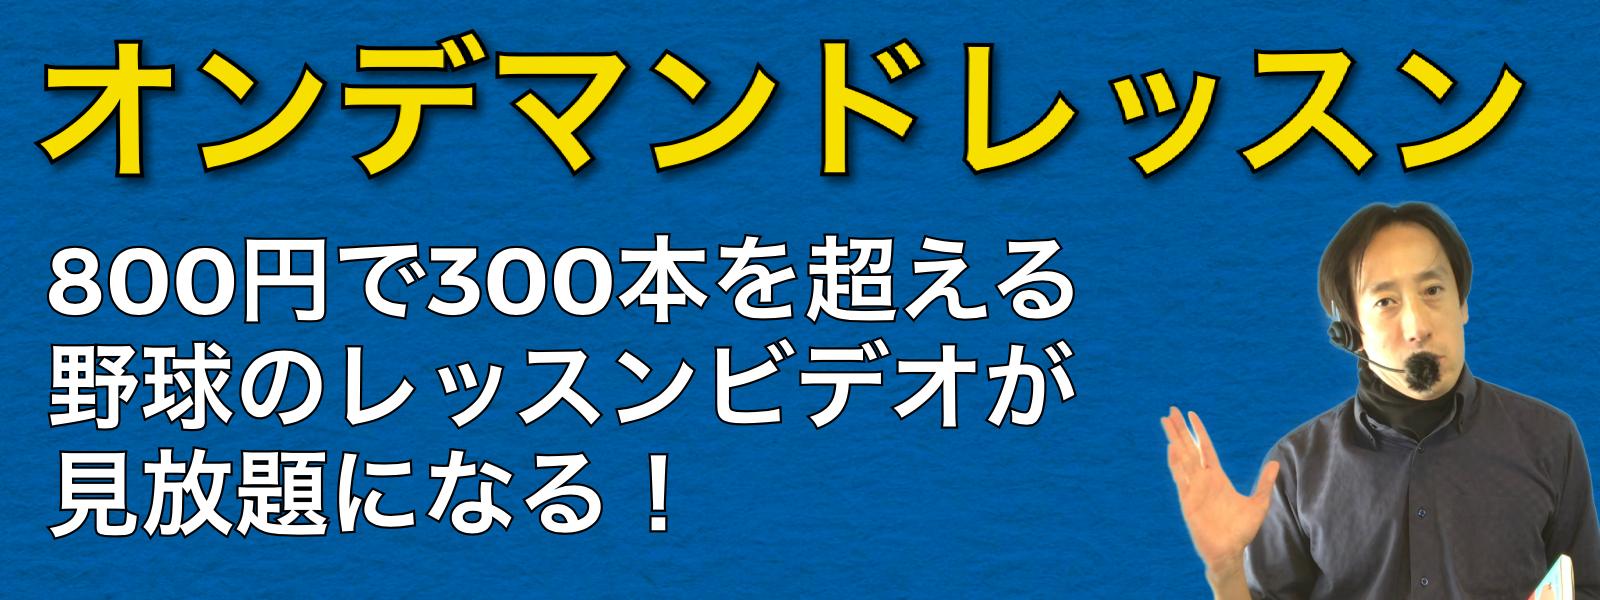 TeamKazオンデマンド野球塾